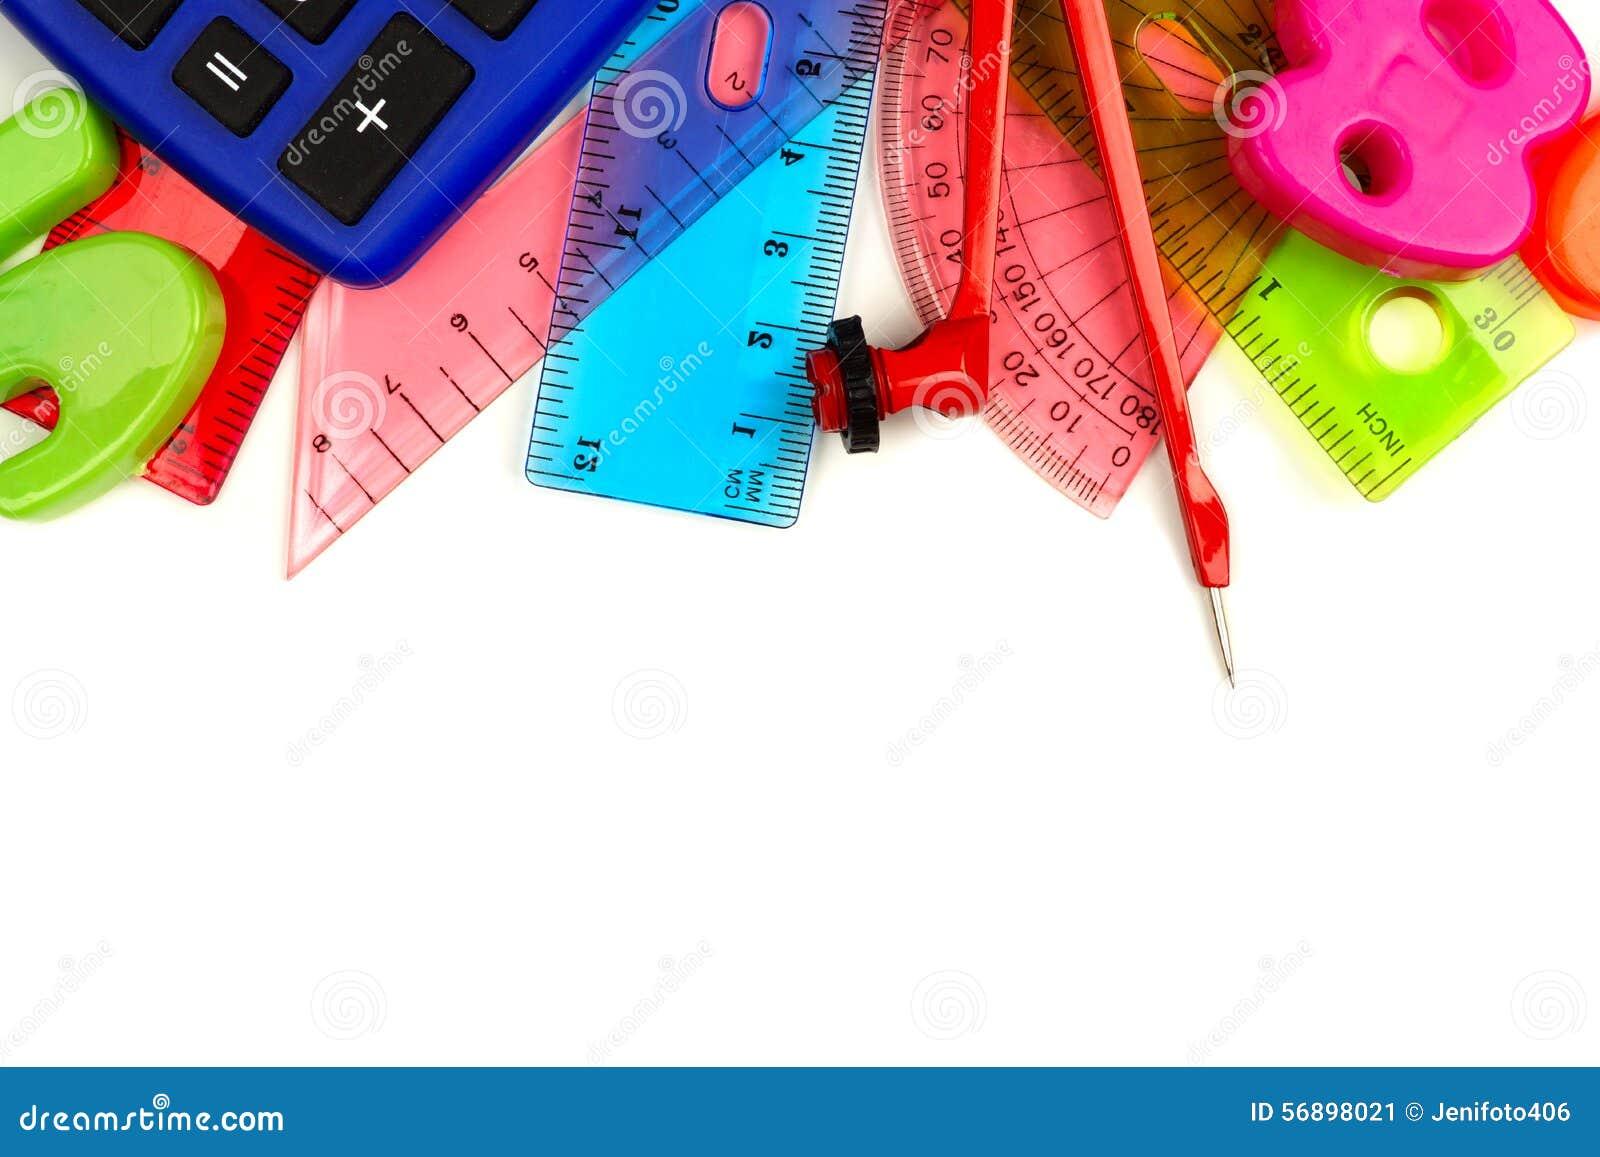 Granica kolorowej matematyki o temacie szkolne dostawy